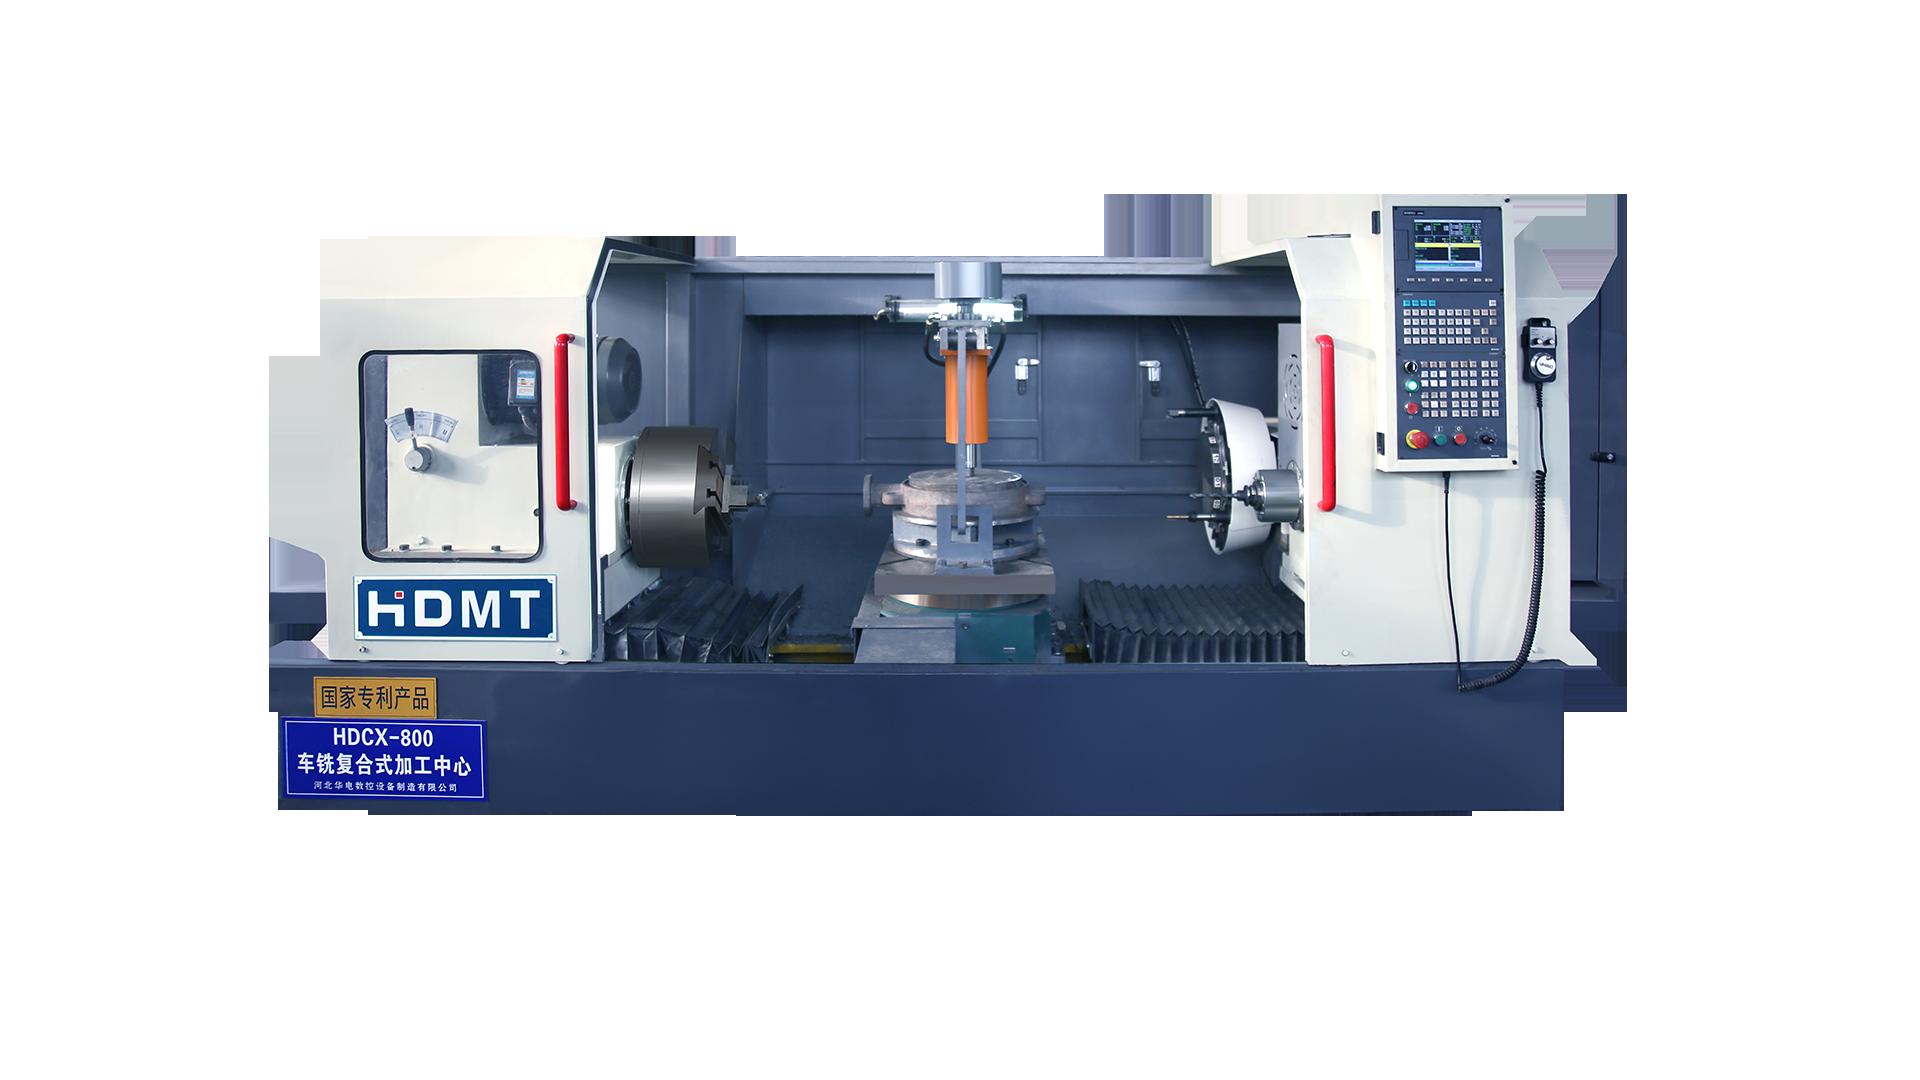 闸阀专用数控三面加工机床